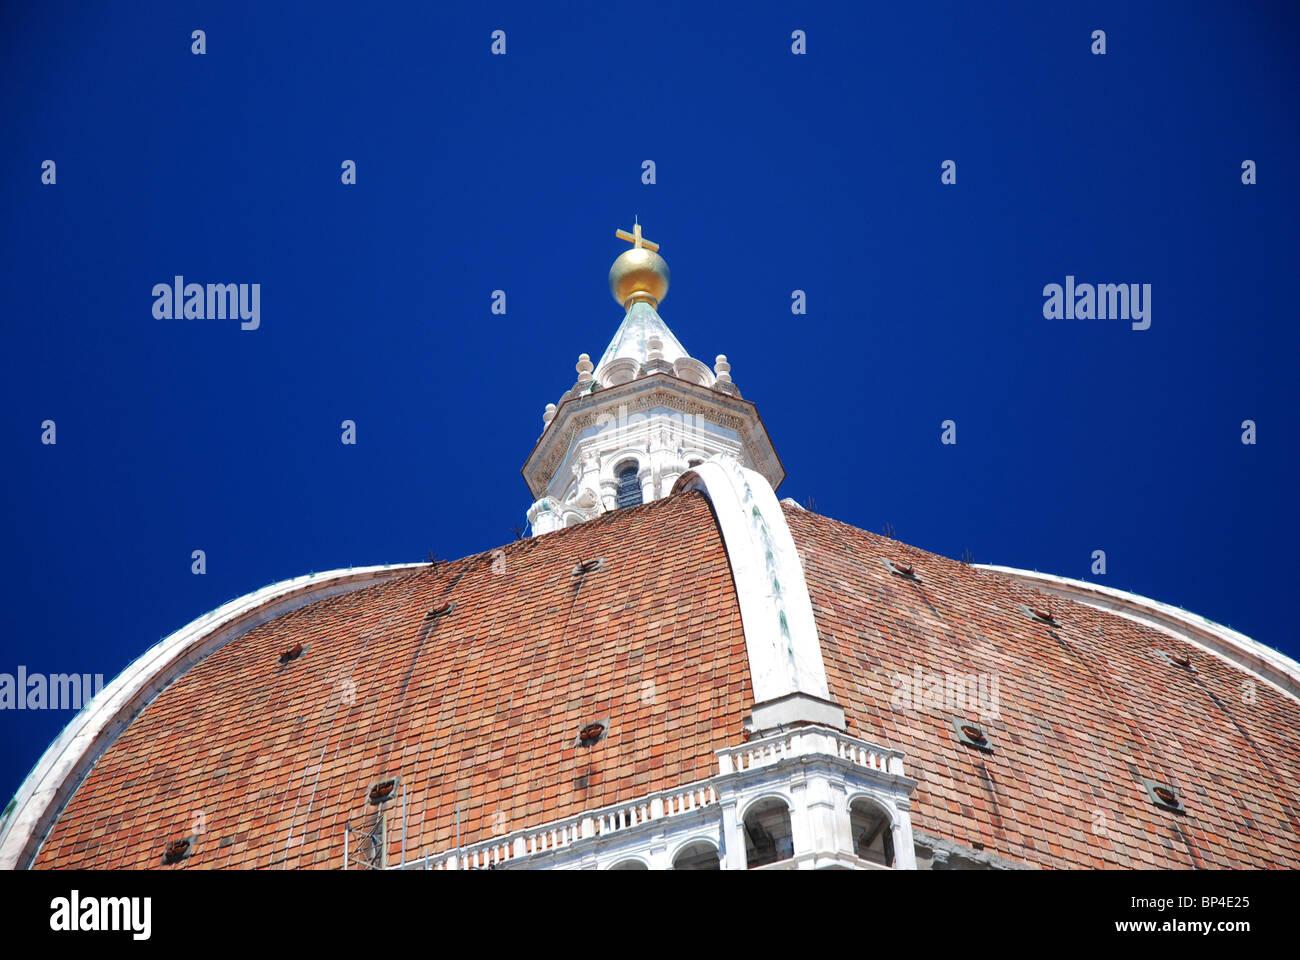 The dome (Duomo)  Santa Maria del Fiore, Florence, Italy - Stock Image